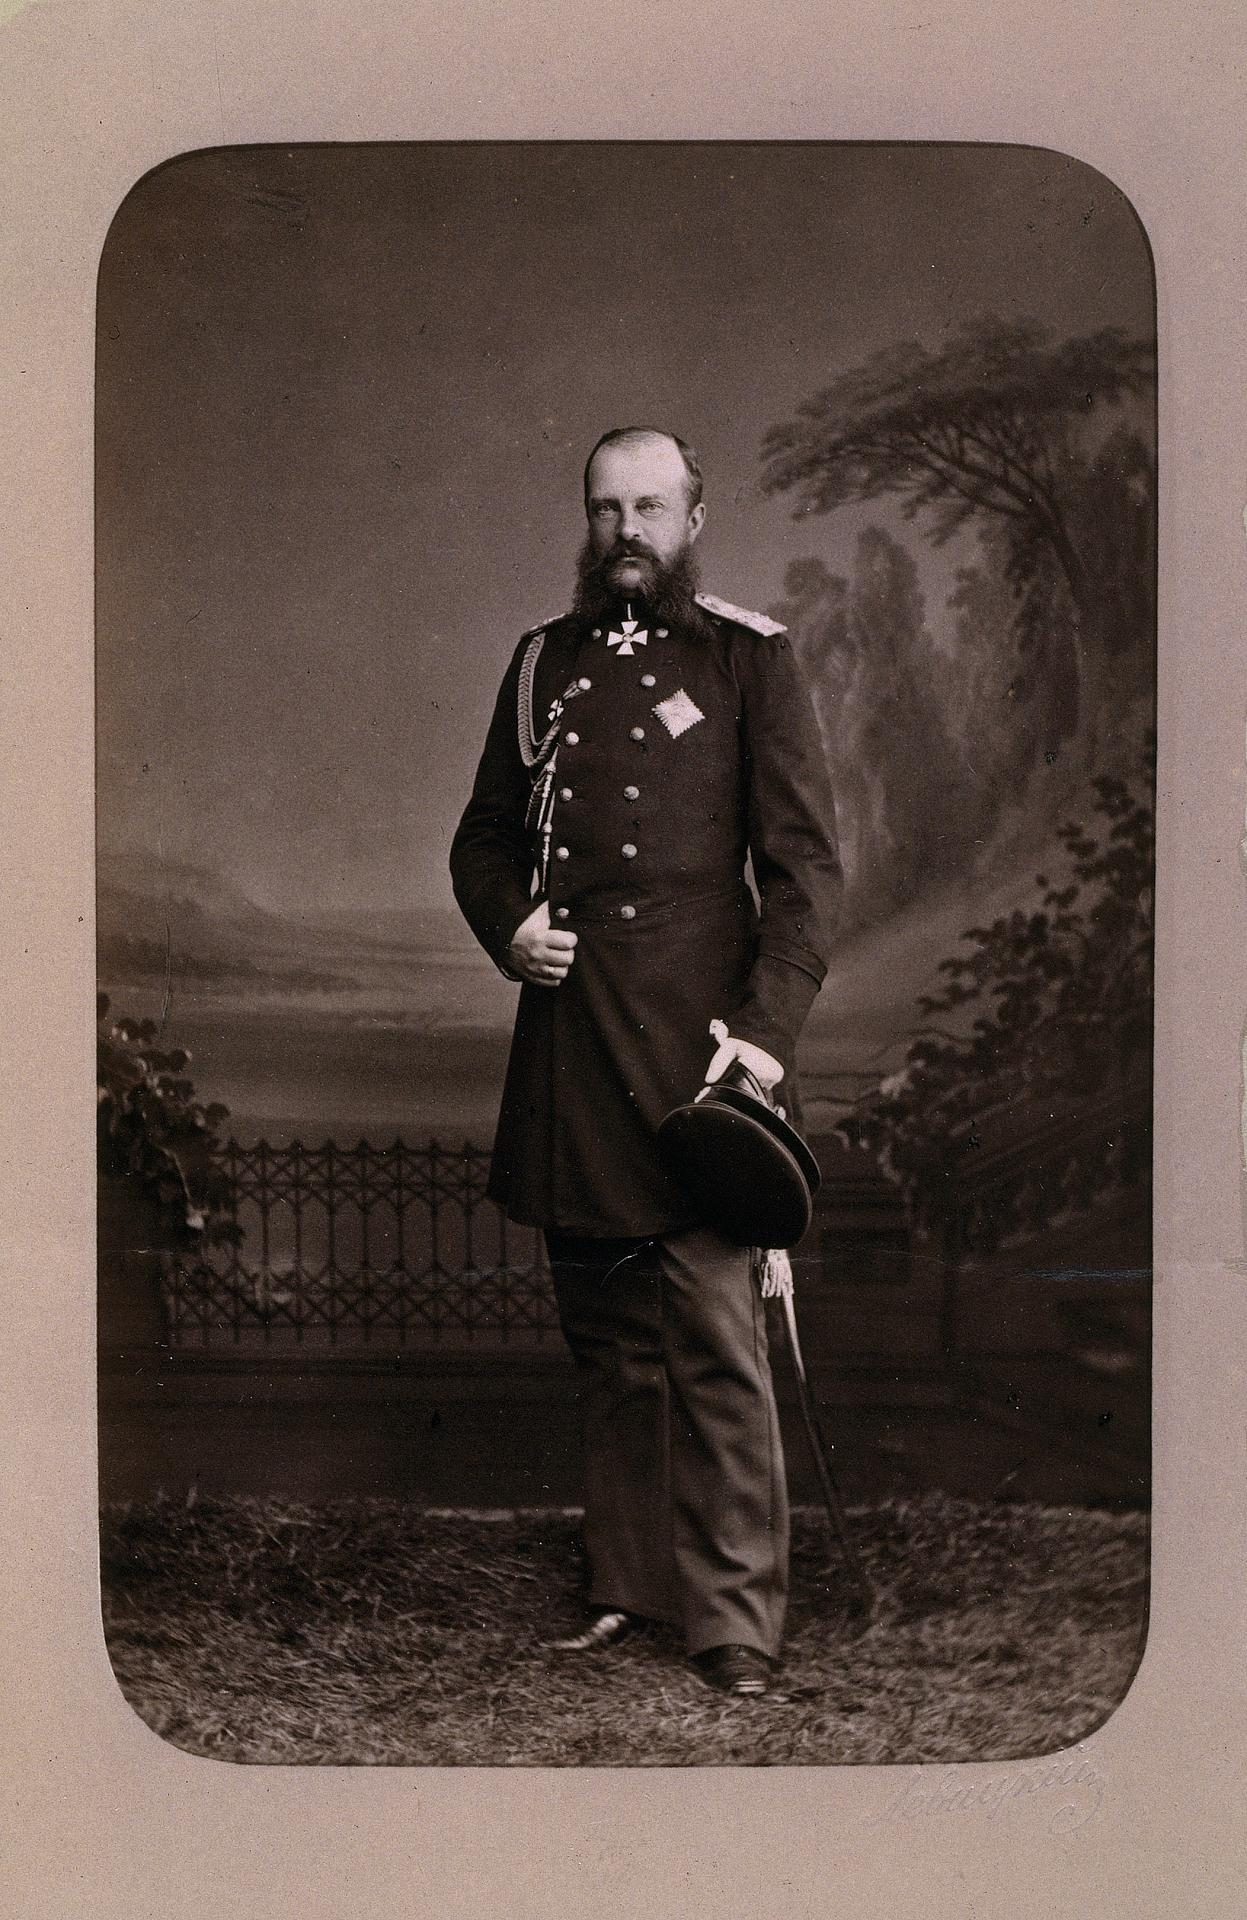 Родился 8 марта года в семье капитана 3-й лейб-гренадерской артиллерийской бригады николая жонсона/джонсона и луизы александровны жонсон.